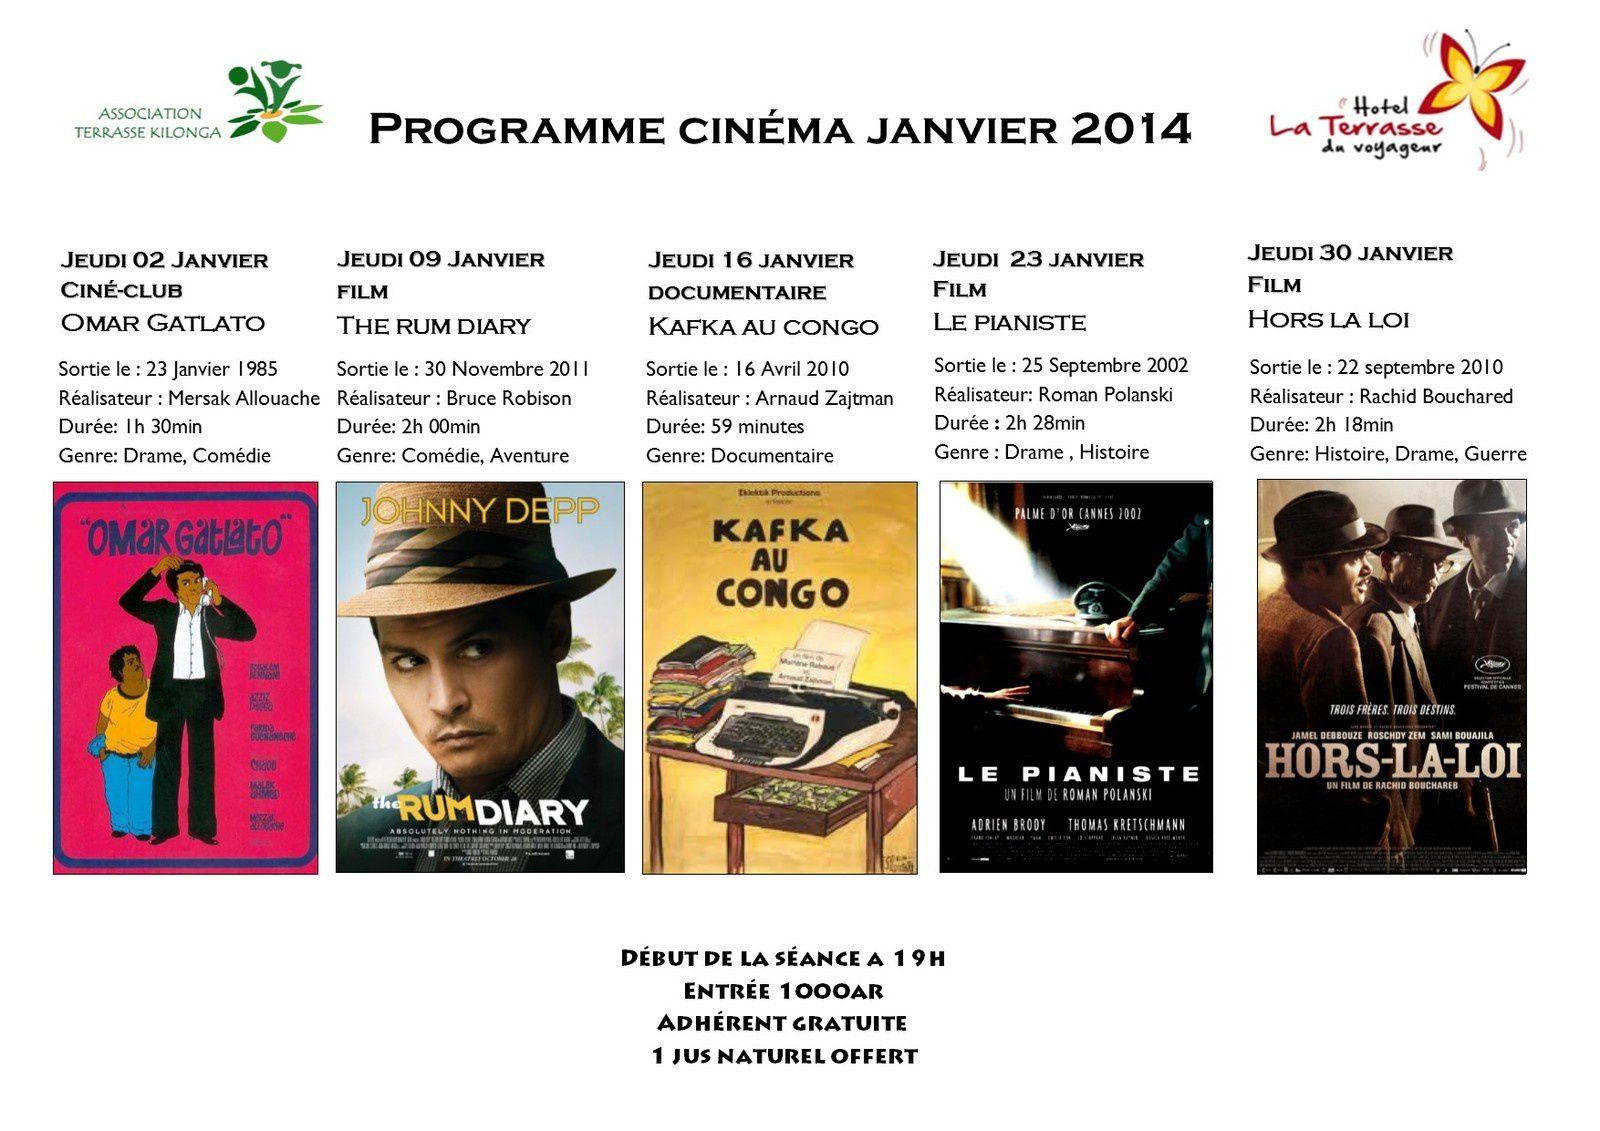 Programme Cinéma Janvier 2014